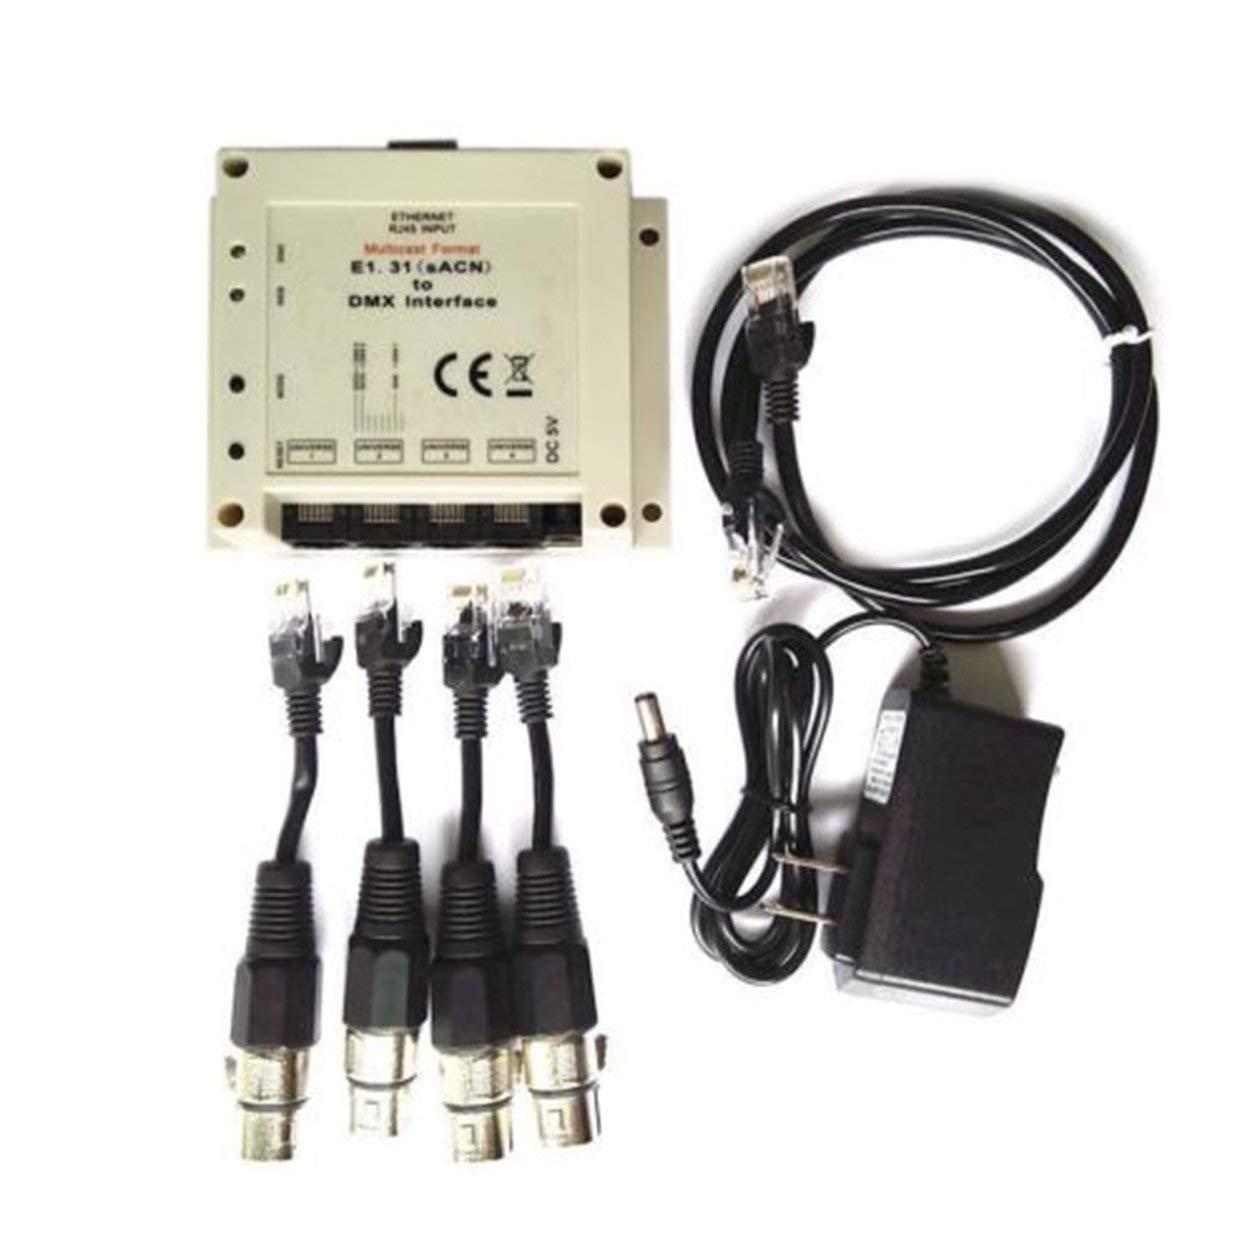 Chamsys Magicq E1.31(csn)Dmx /ブリッジインターフェースに対応4 Dmx 512の出力ユニバースを2048 Dmxチャンネルに対応   B07VB2P1NR